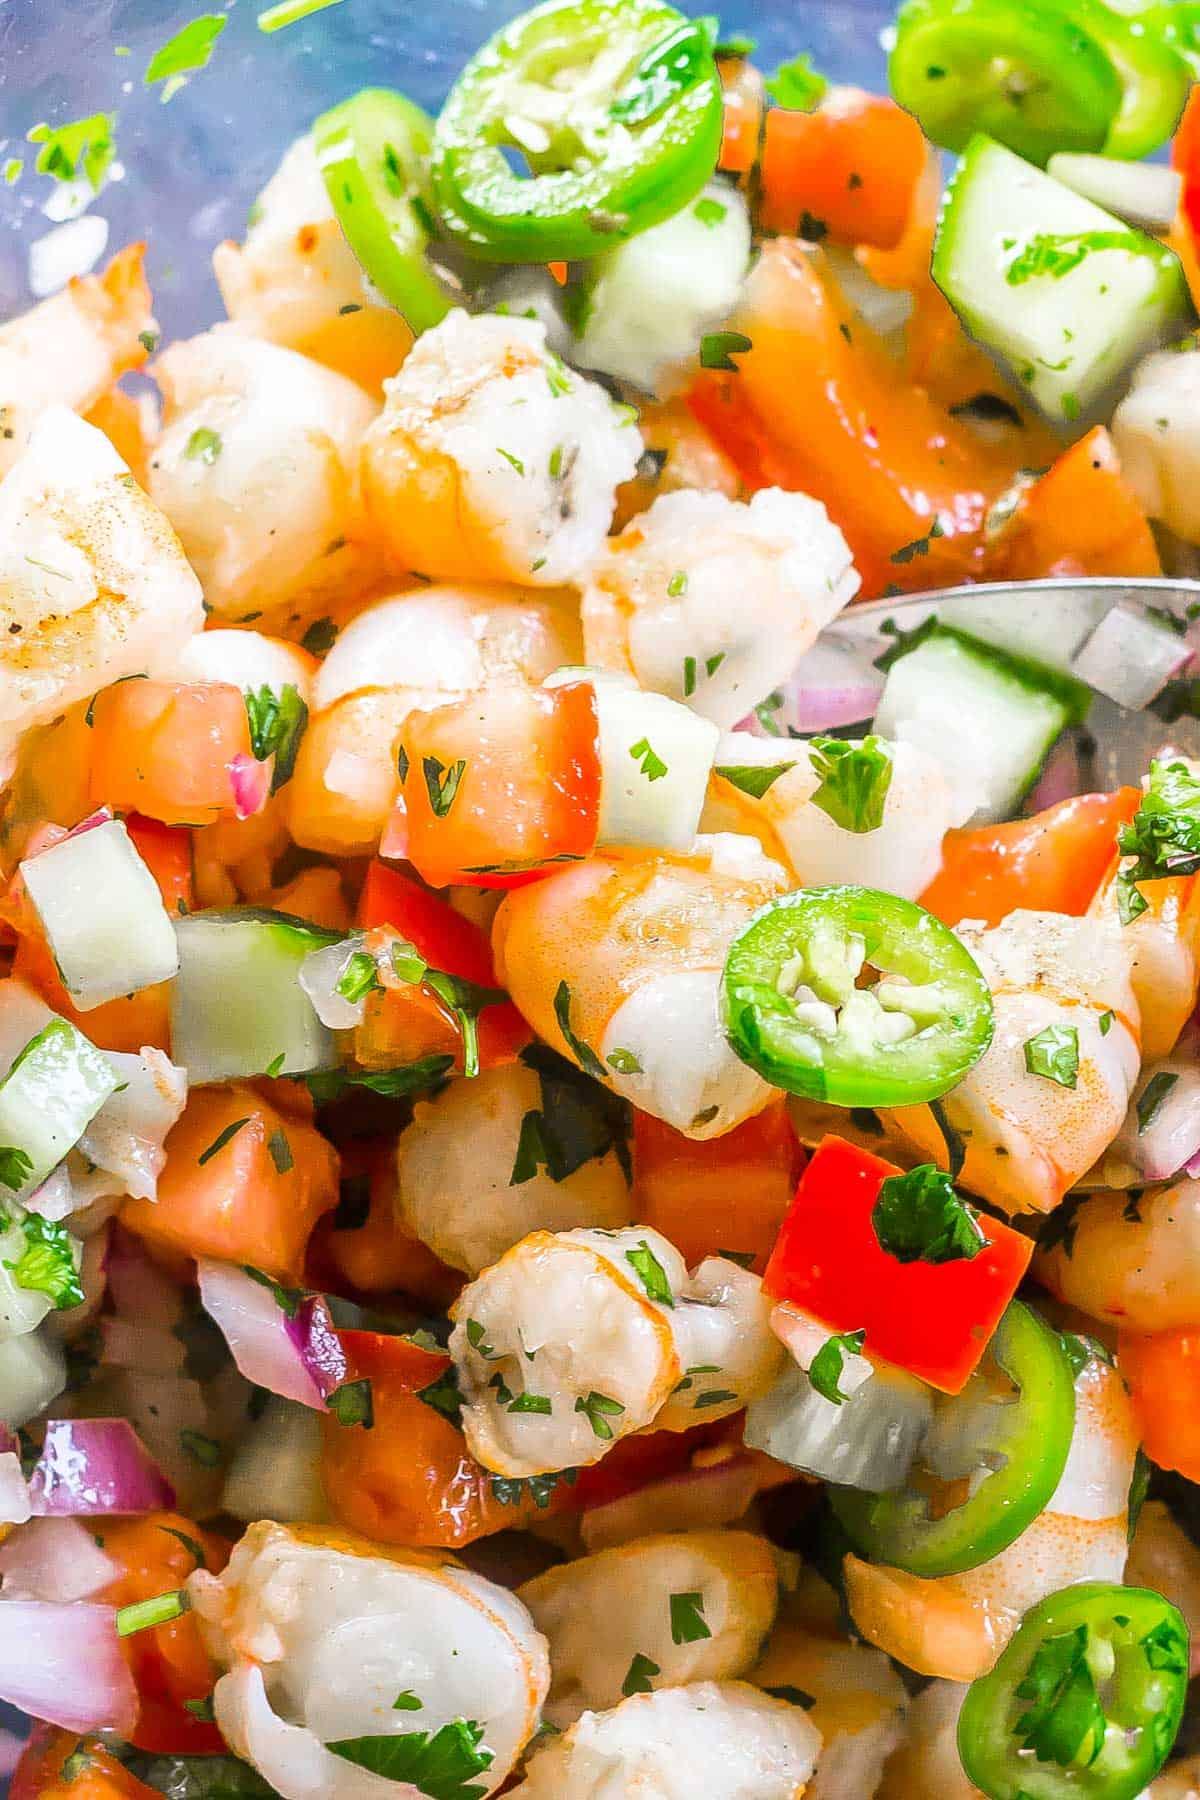 shrimp salsa closeup image